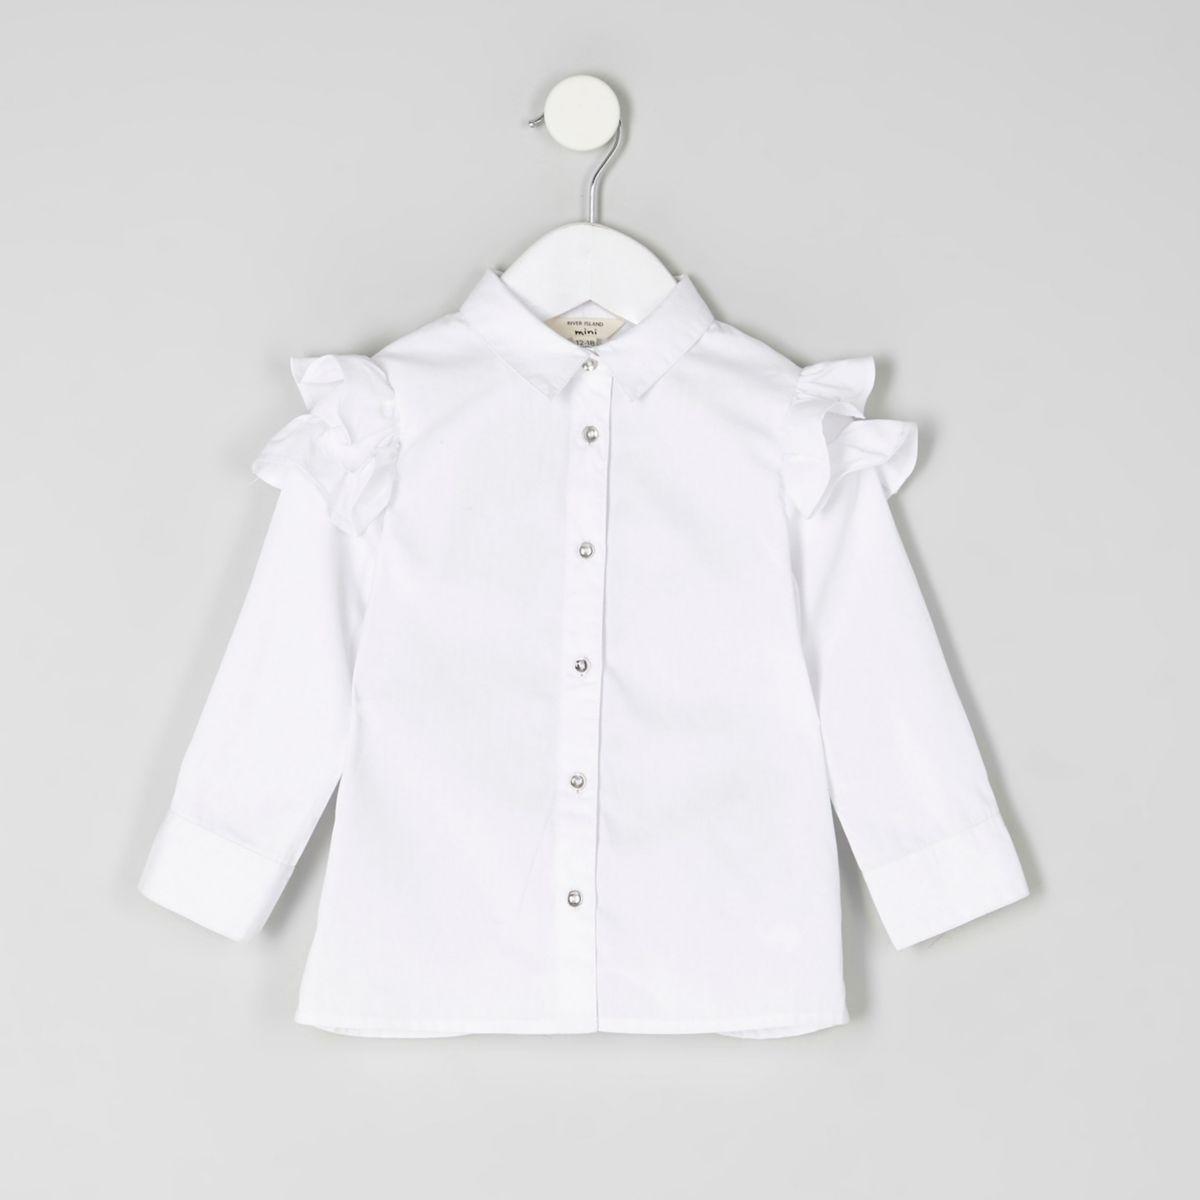 Mini - Wit overhemd met ruches op de schouders voor meisjes